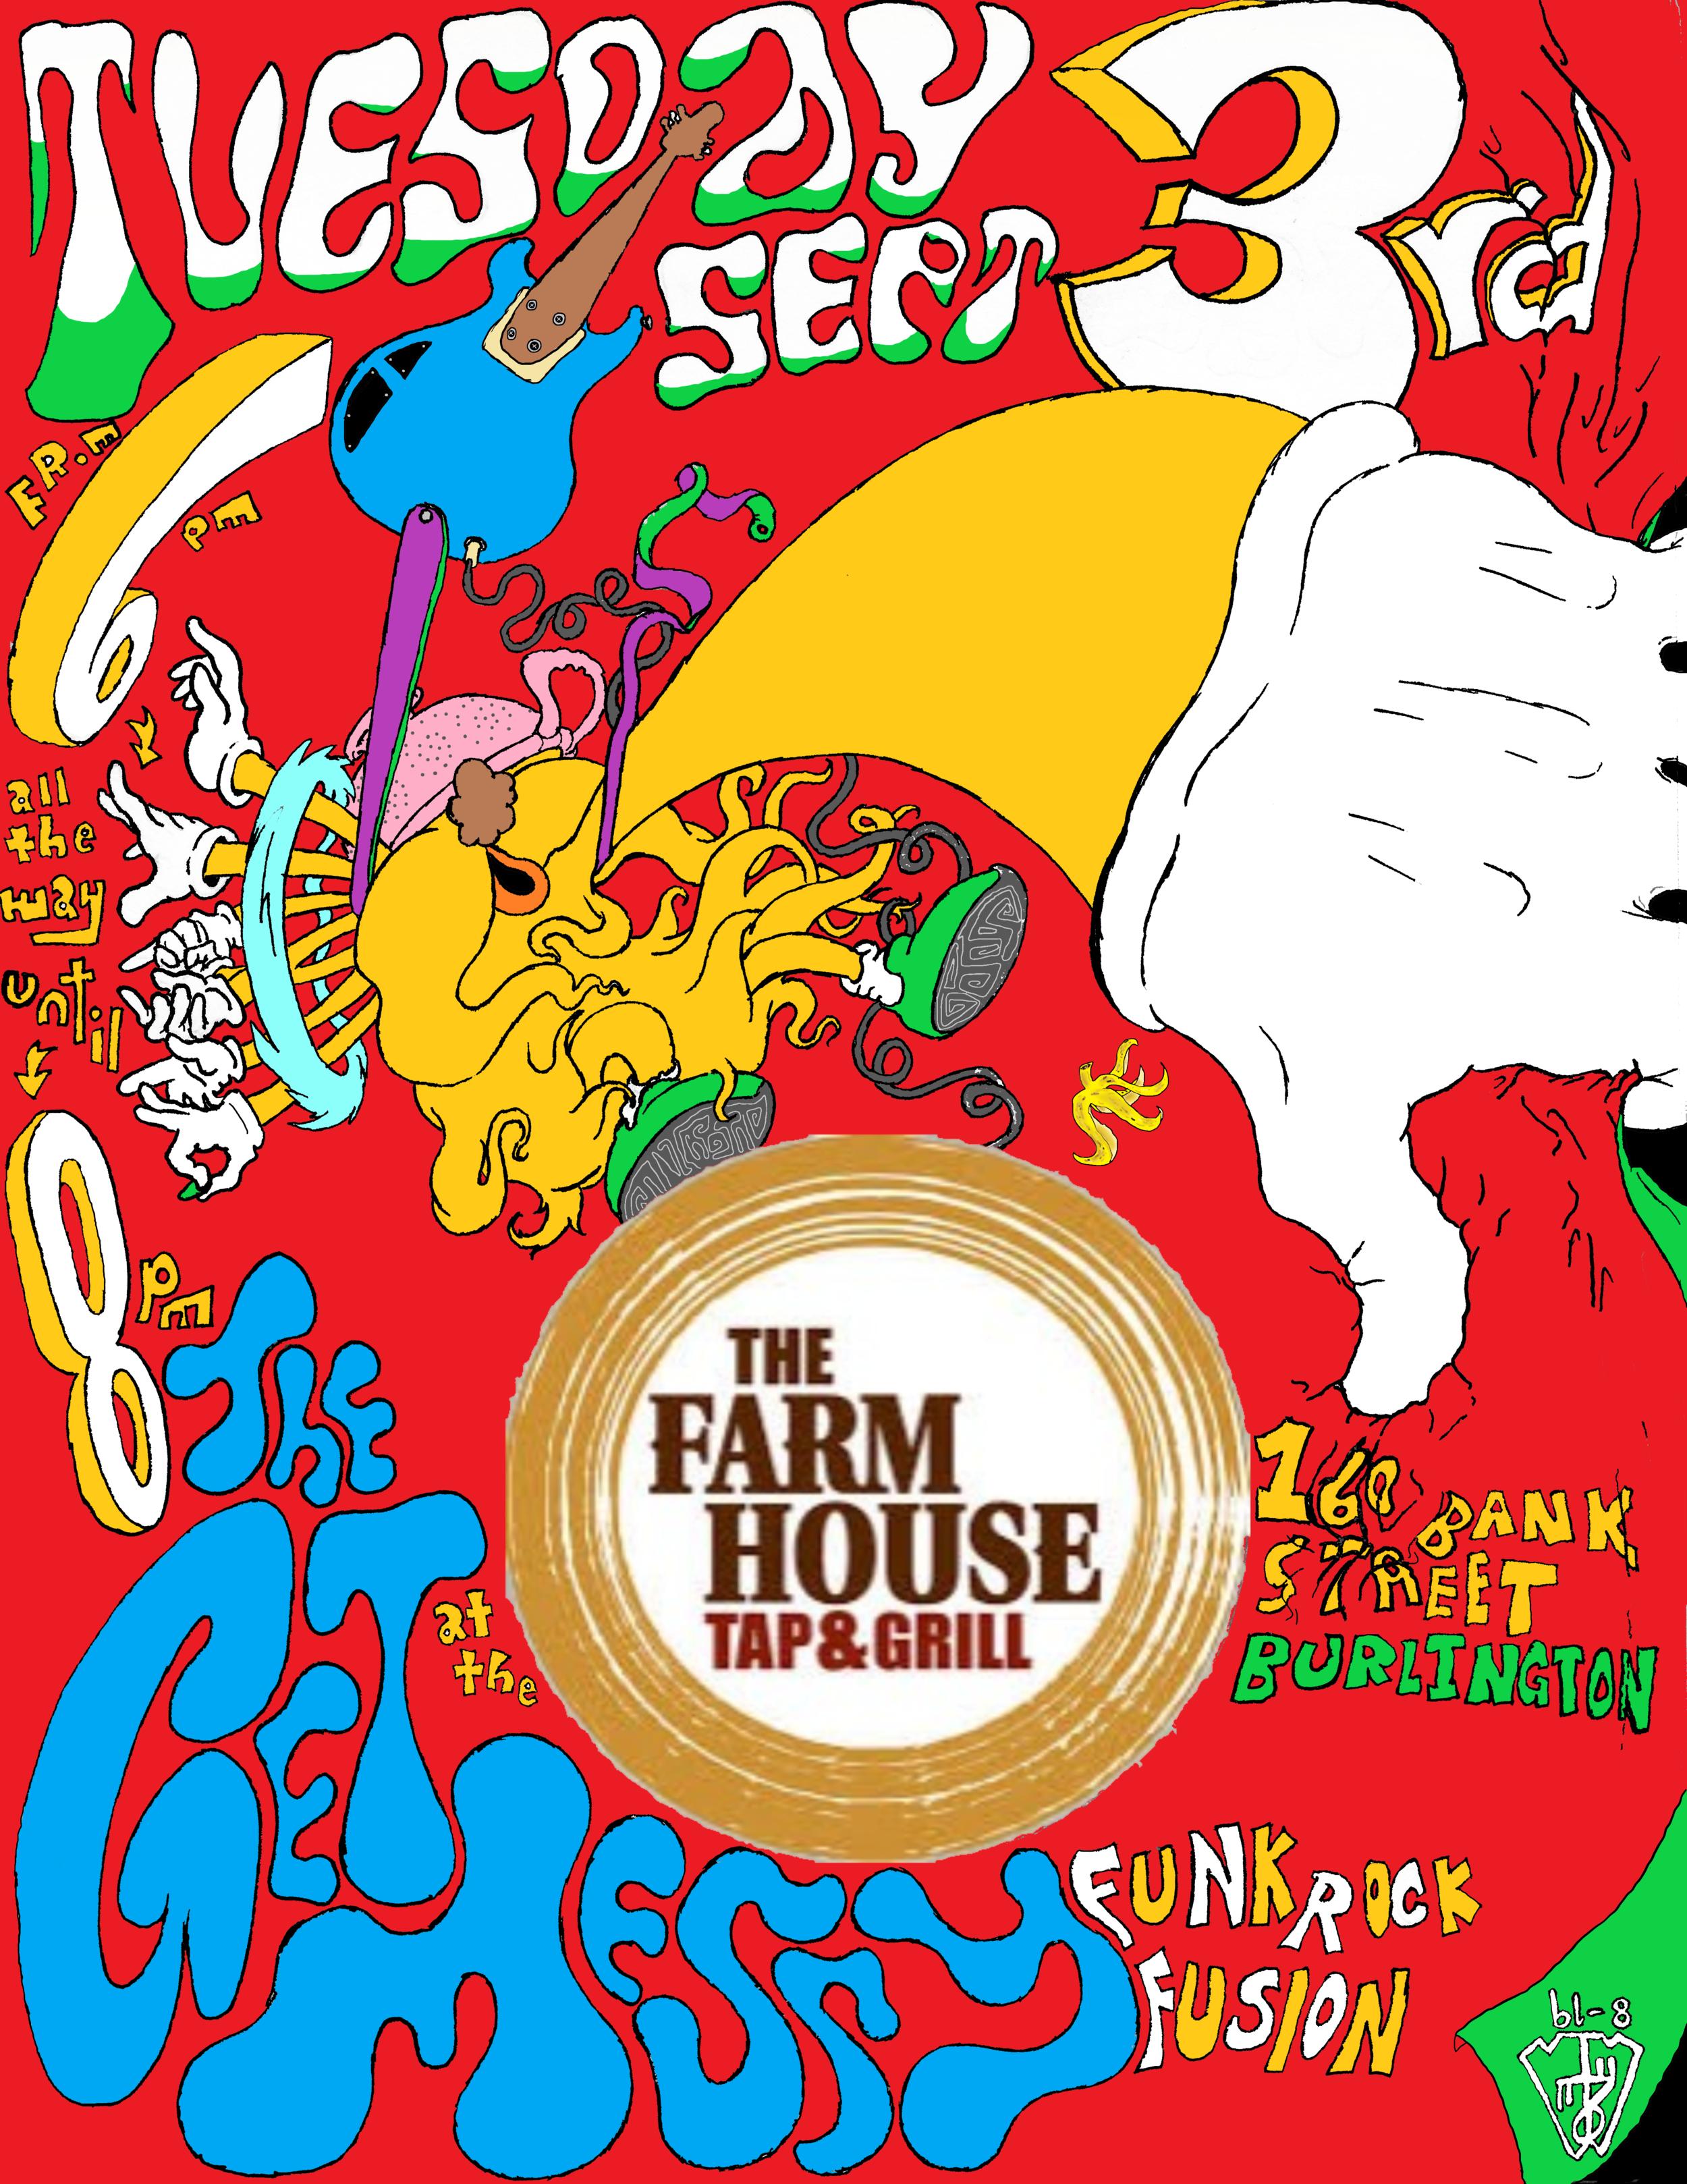 Farmhouse sept 19 01.png